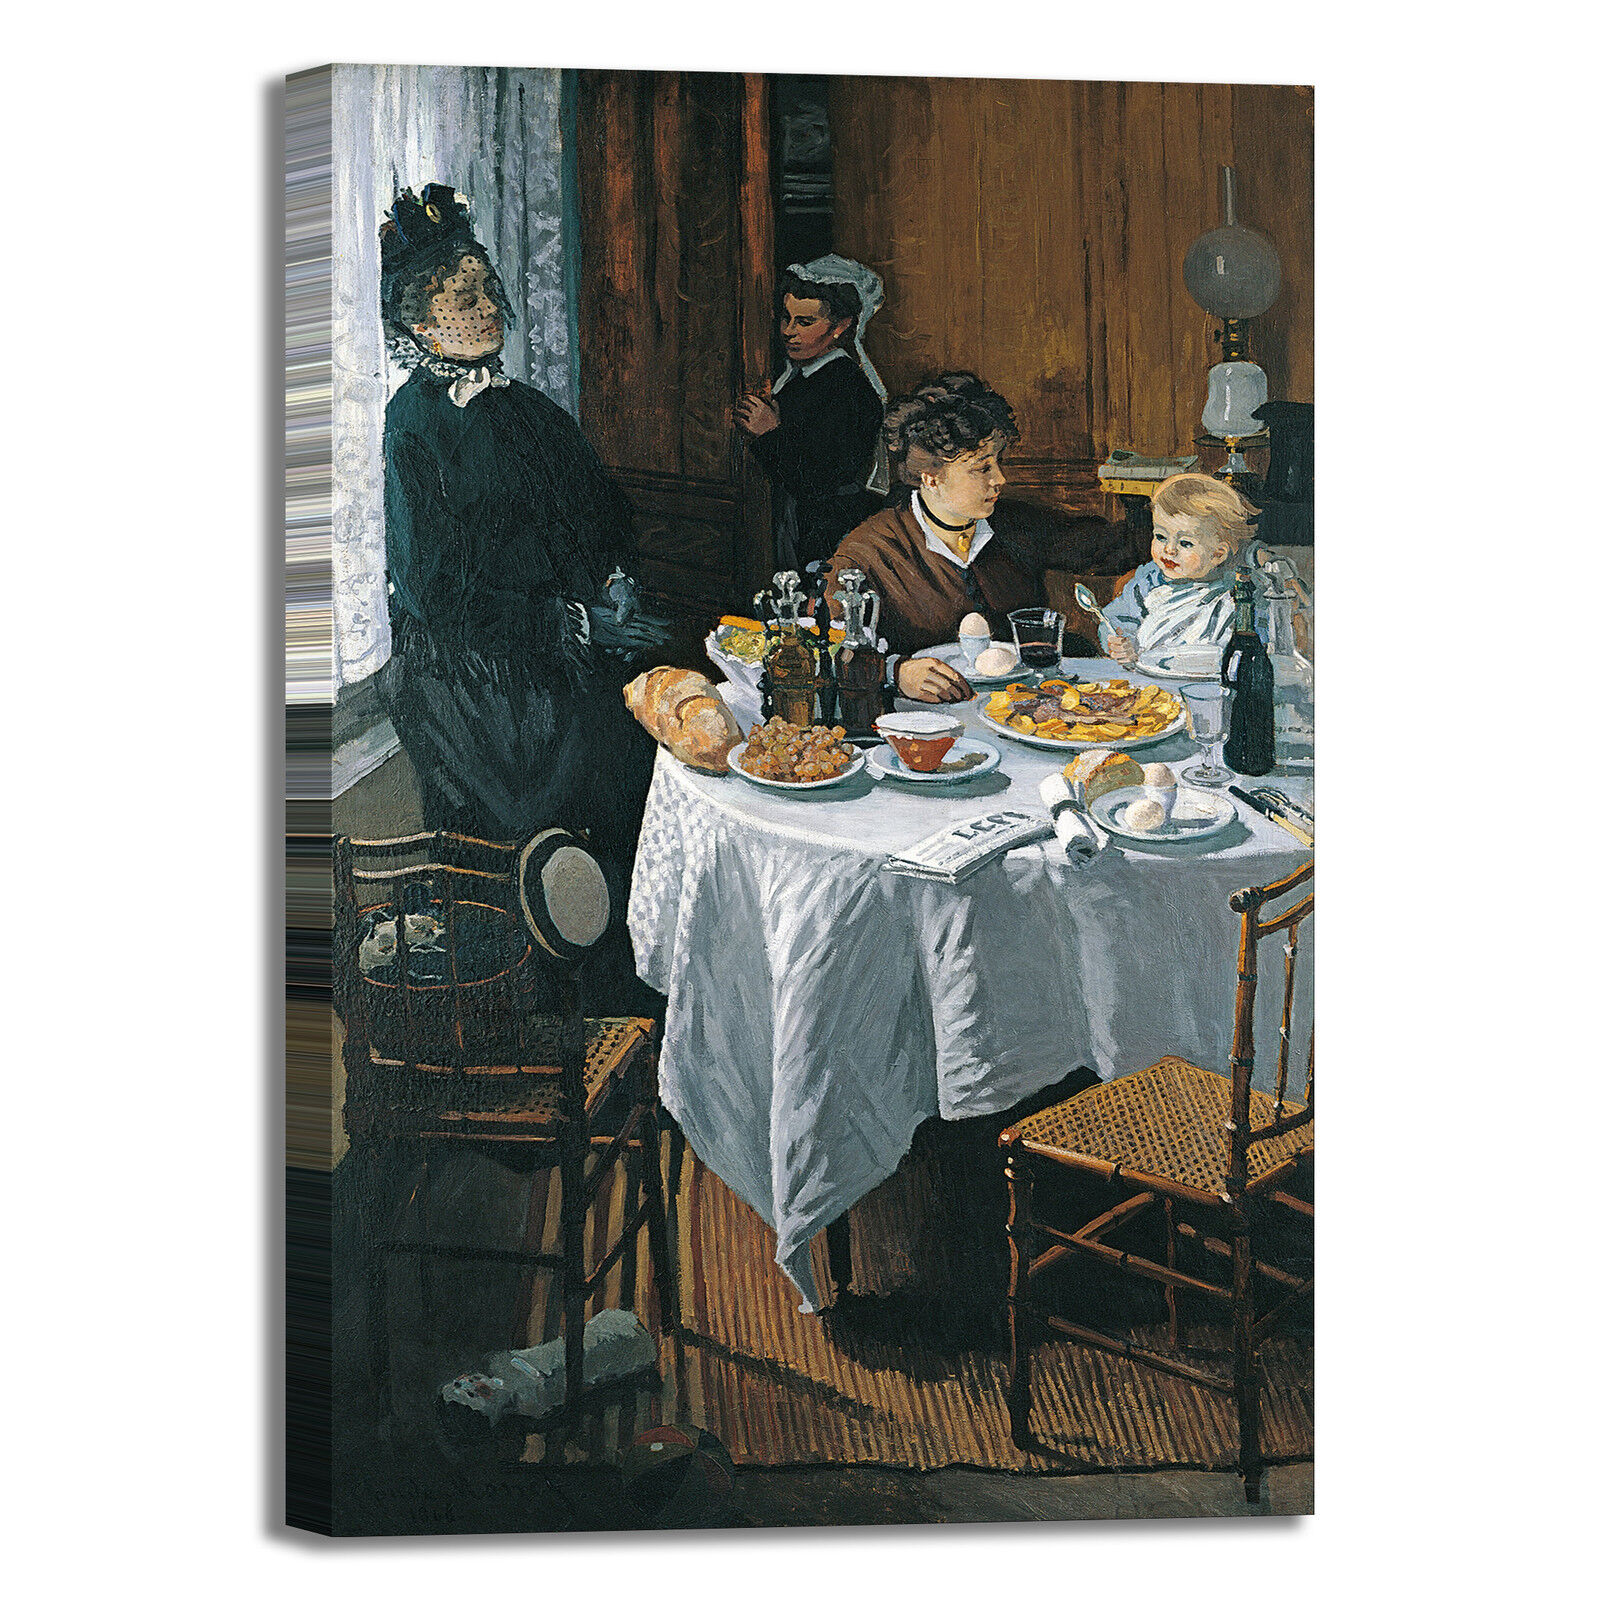 Monet il pranzo design quadro stampa tela dipinto telaio arroto casa